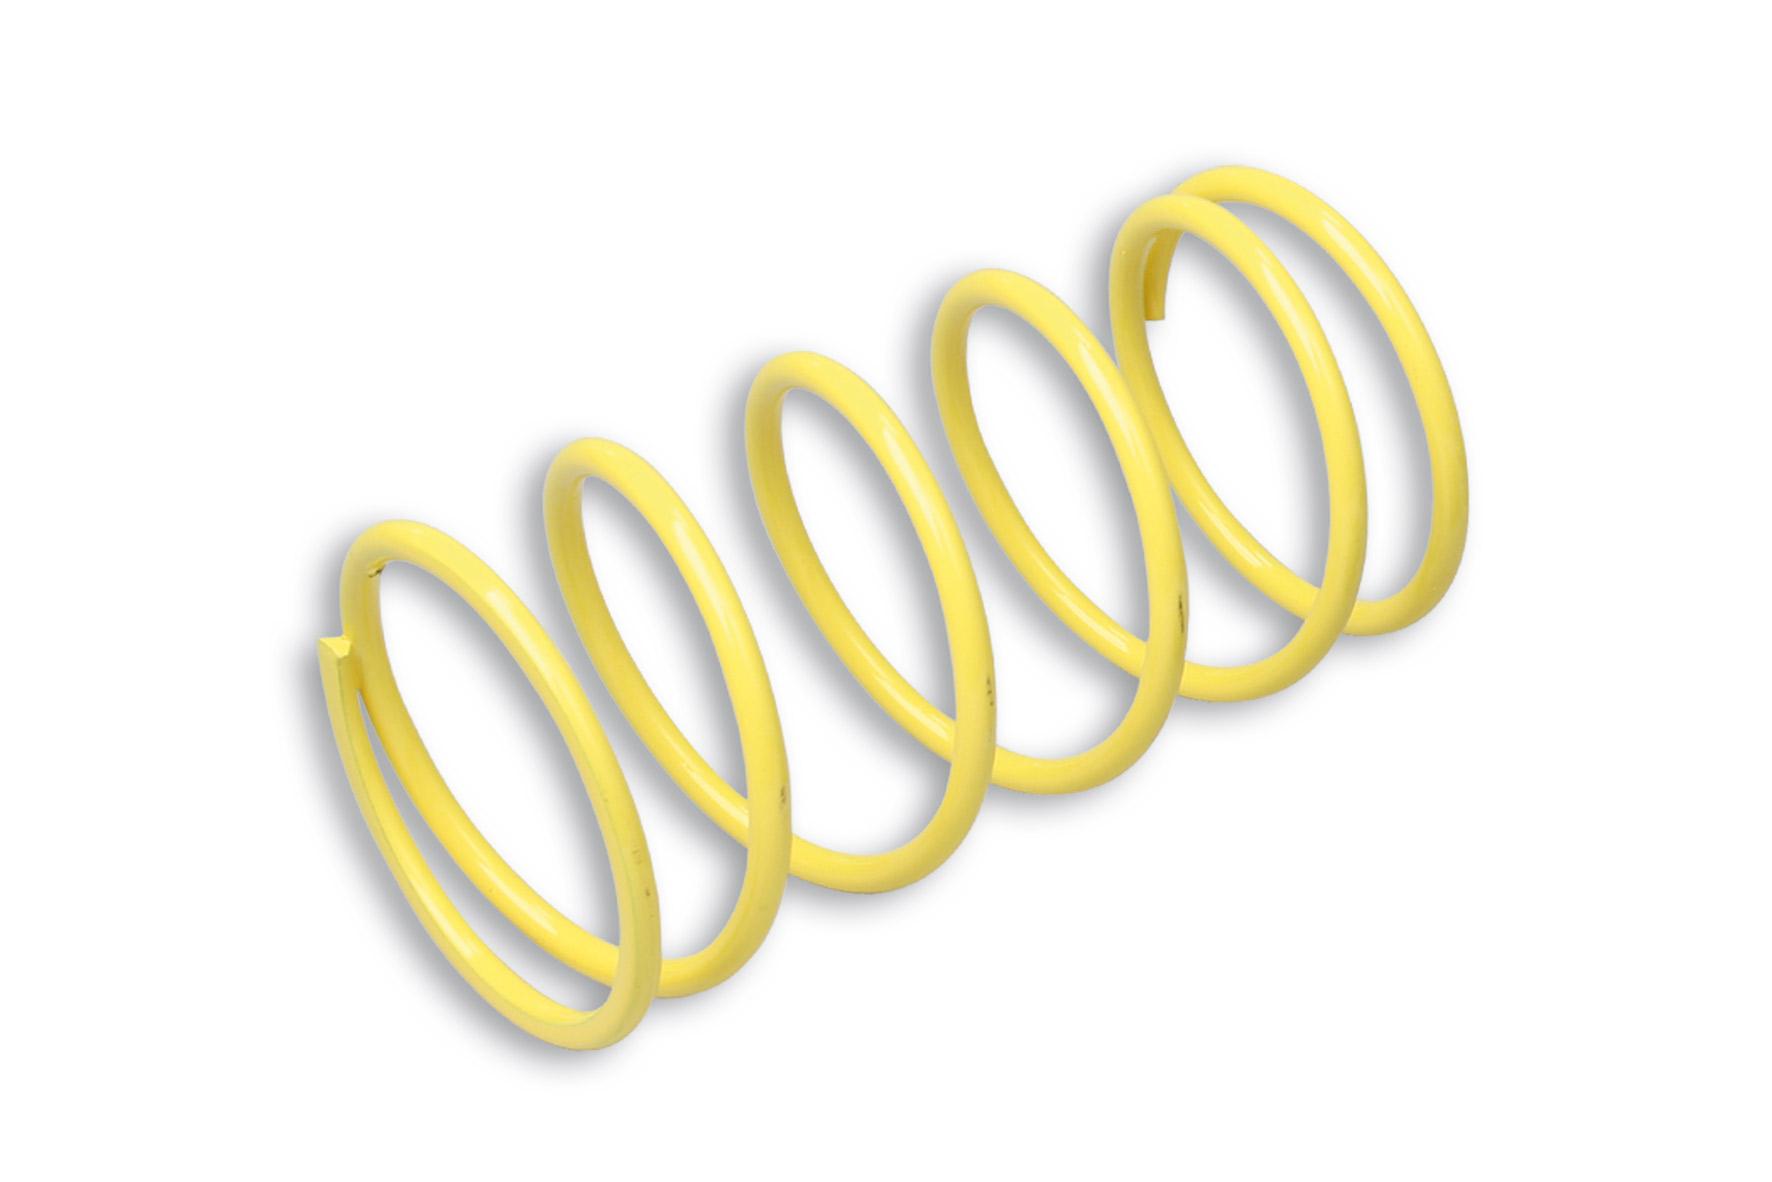 Molla di contrasto variatore gialla (Ø esterno 58x128 mm - Ø filo 4,3 mm - k 5,5)